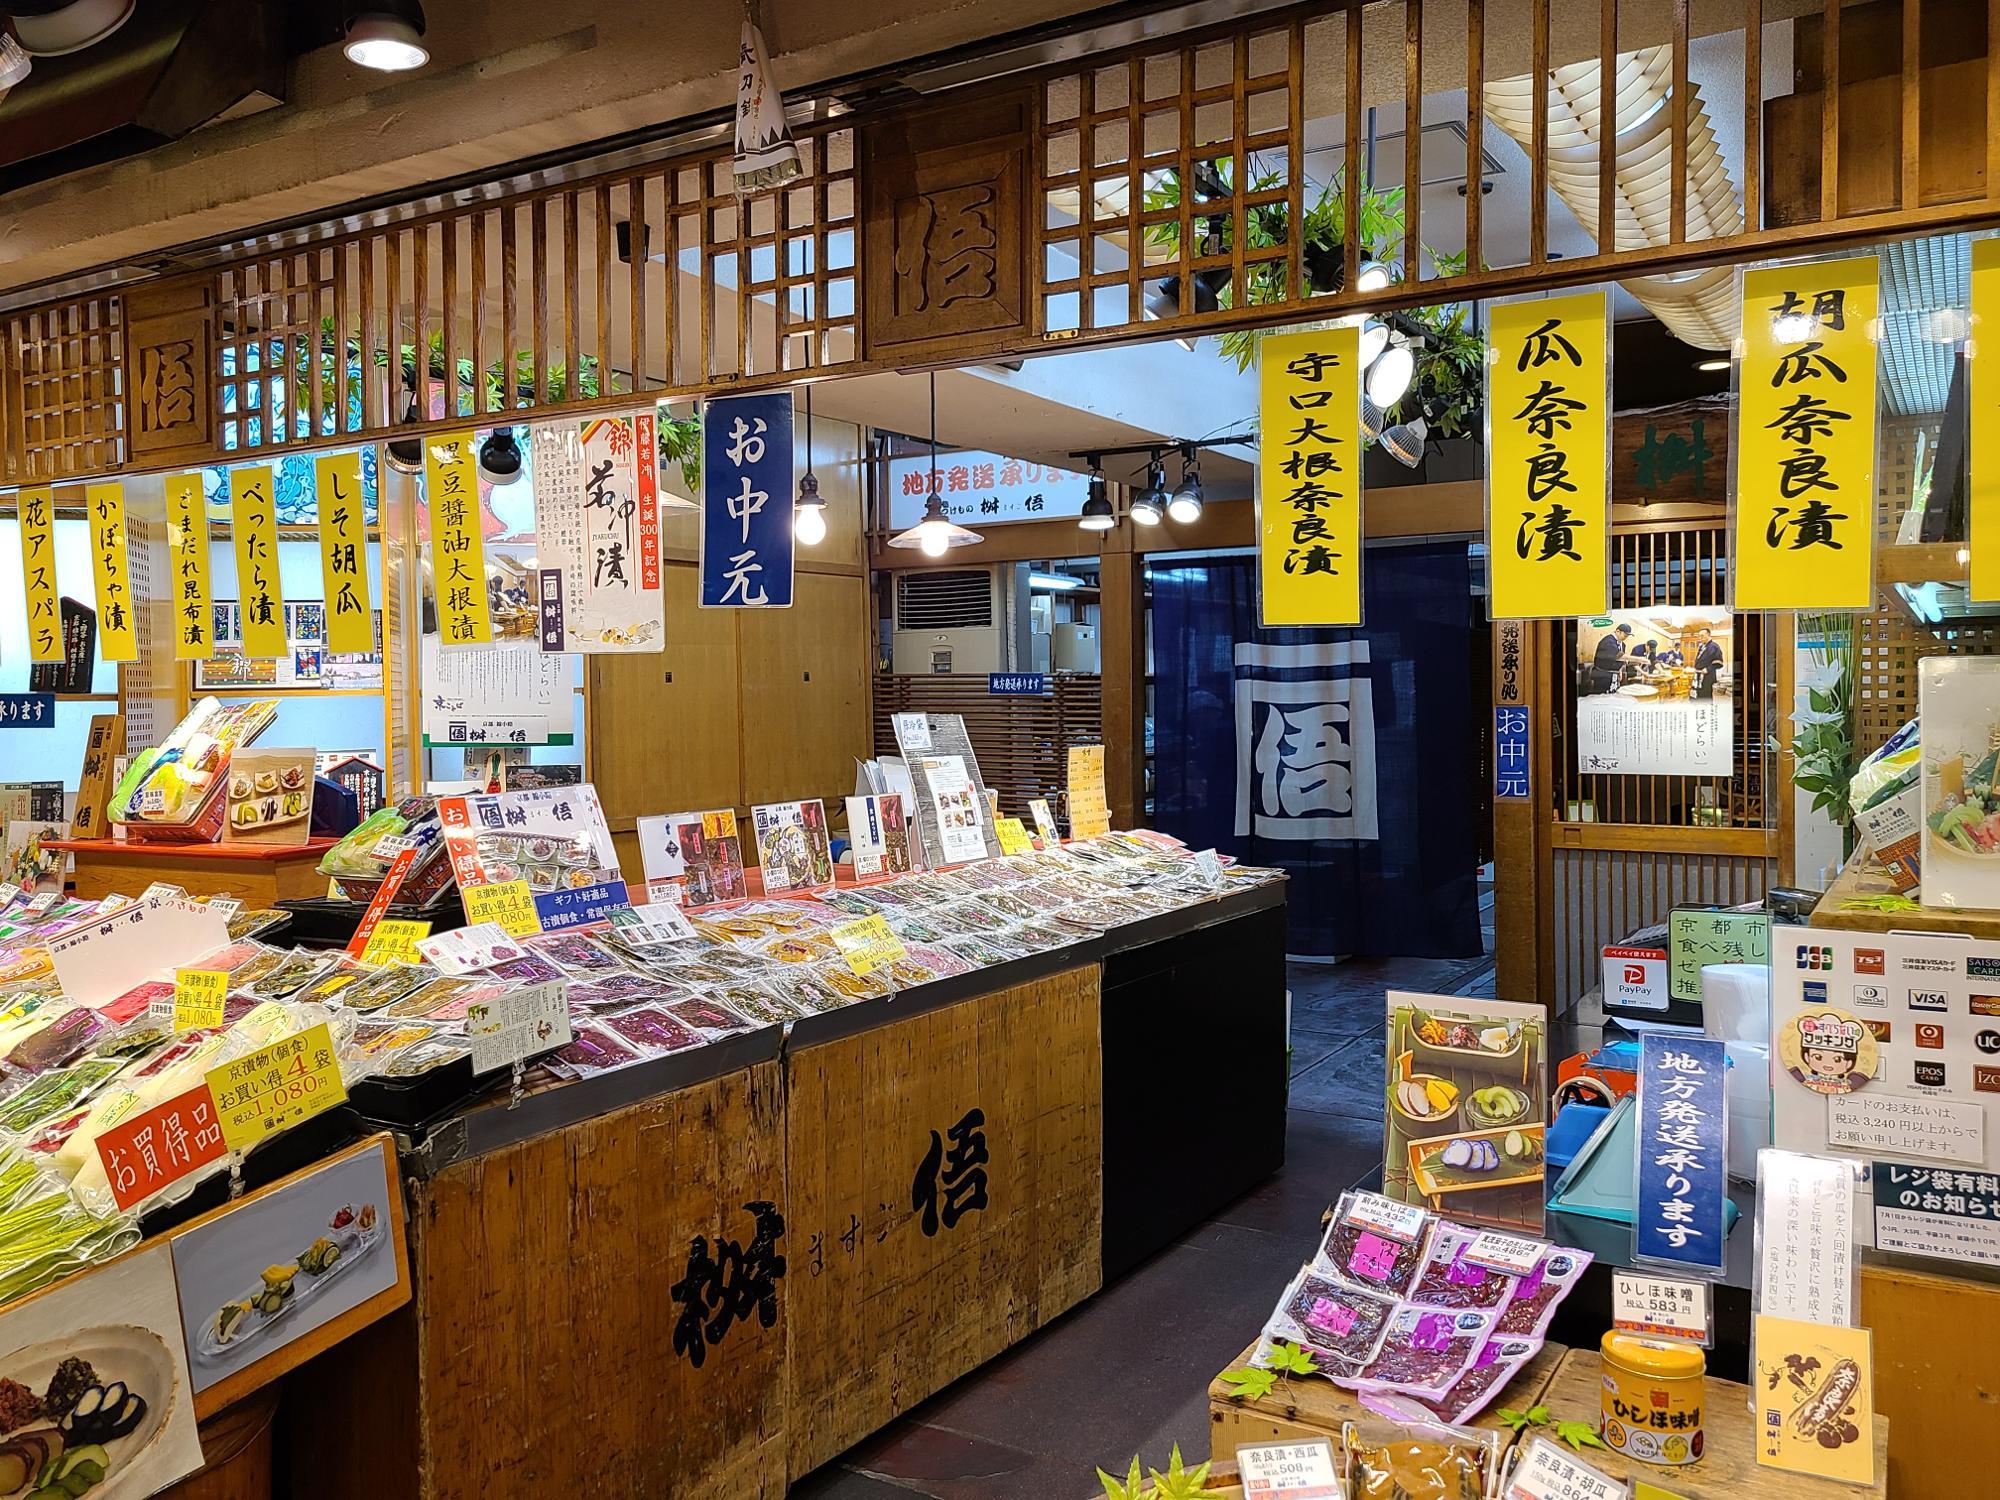 造り酒屋を経て、京漬物製造小売業としては、昭和5年以来、錦市場で営業を続ける「桝悟」